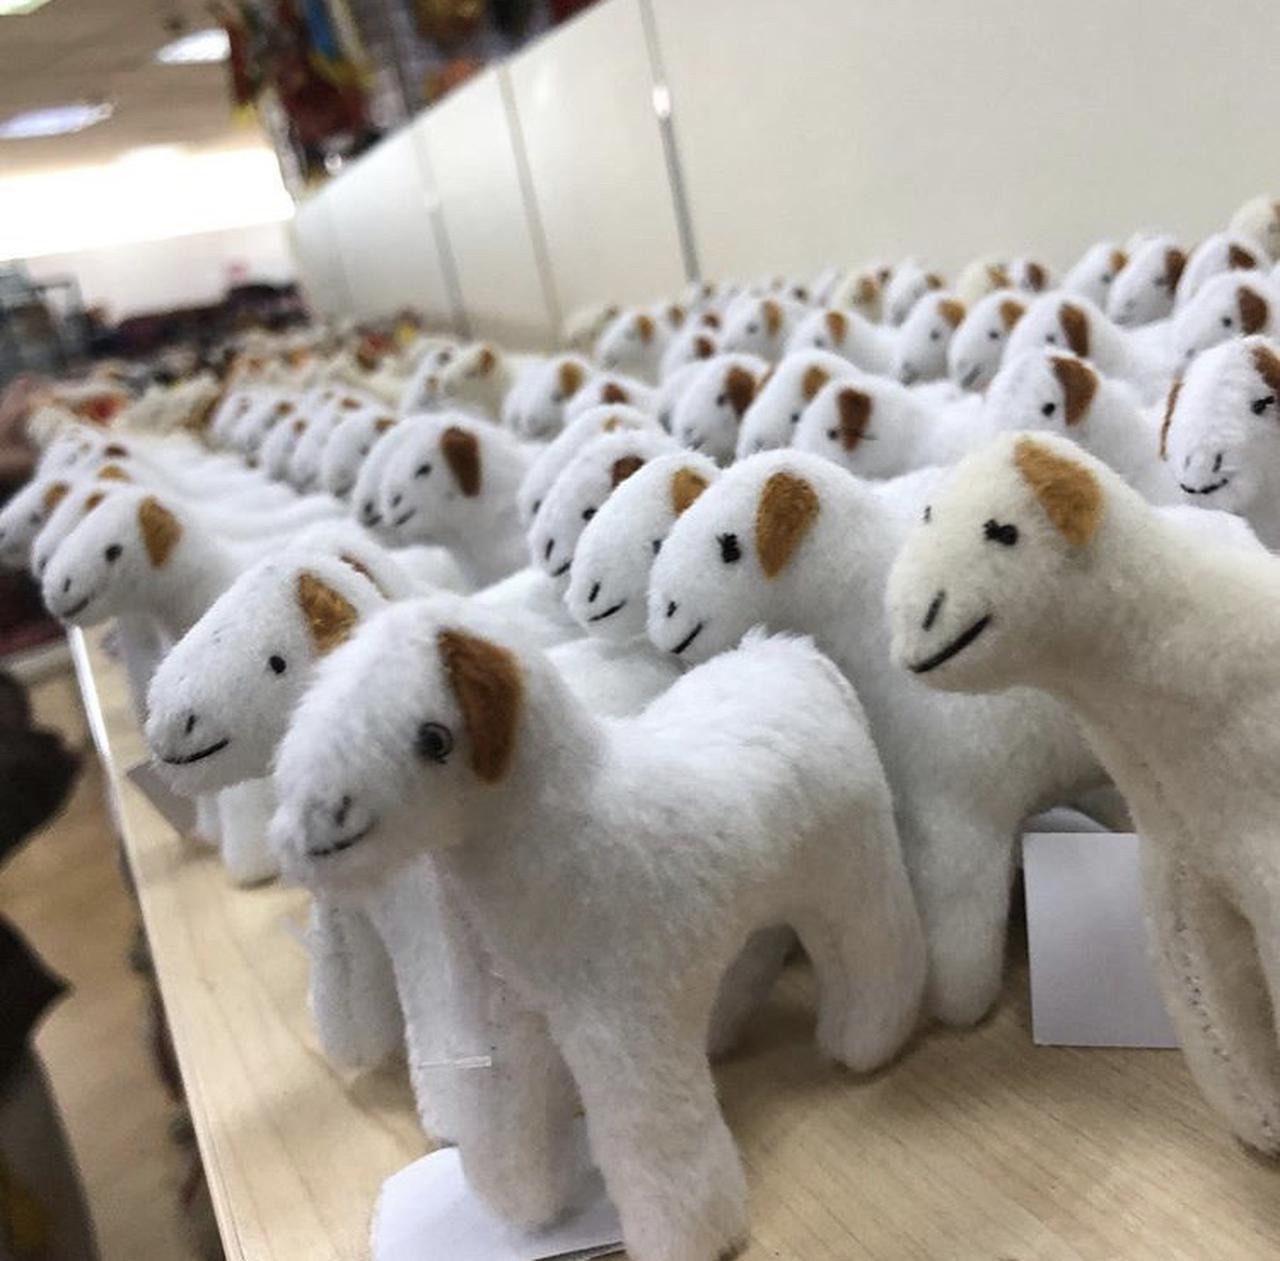 画像: フェルトでできた羊のぬいぐるみ(イメージ)/スタッフ撮影